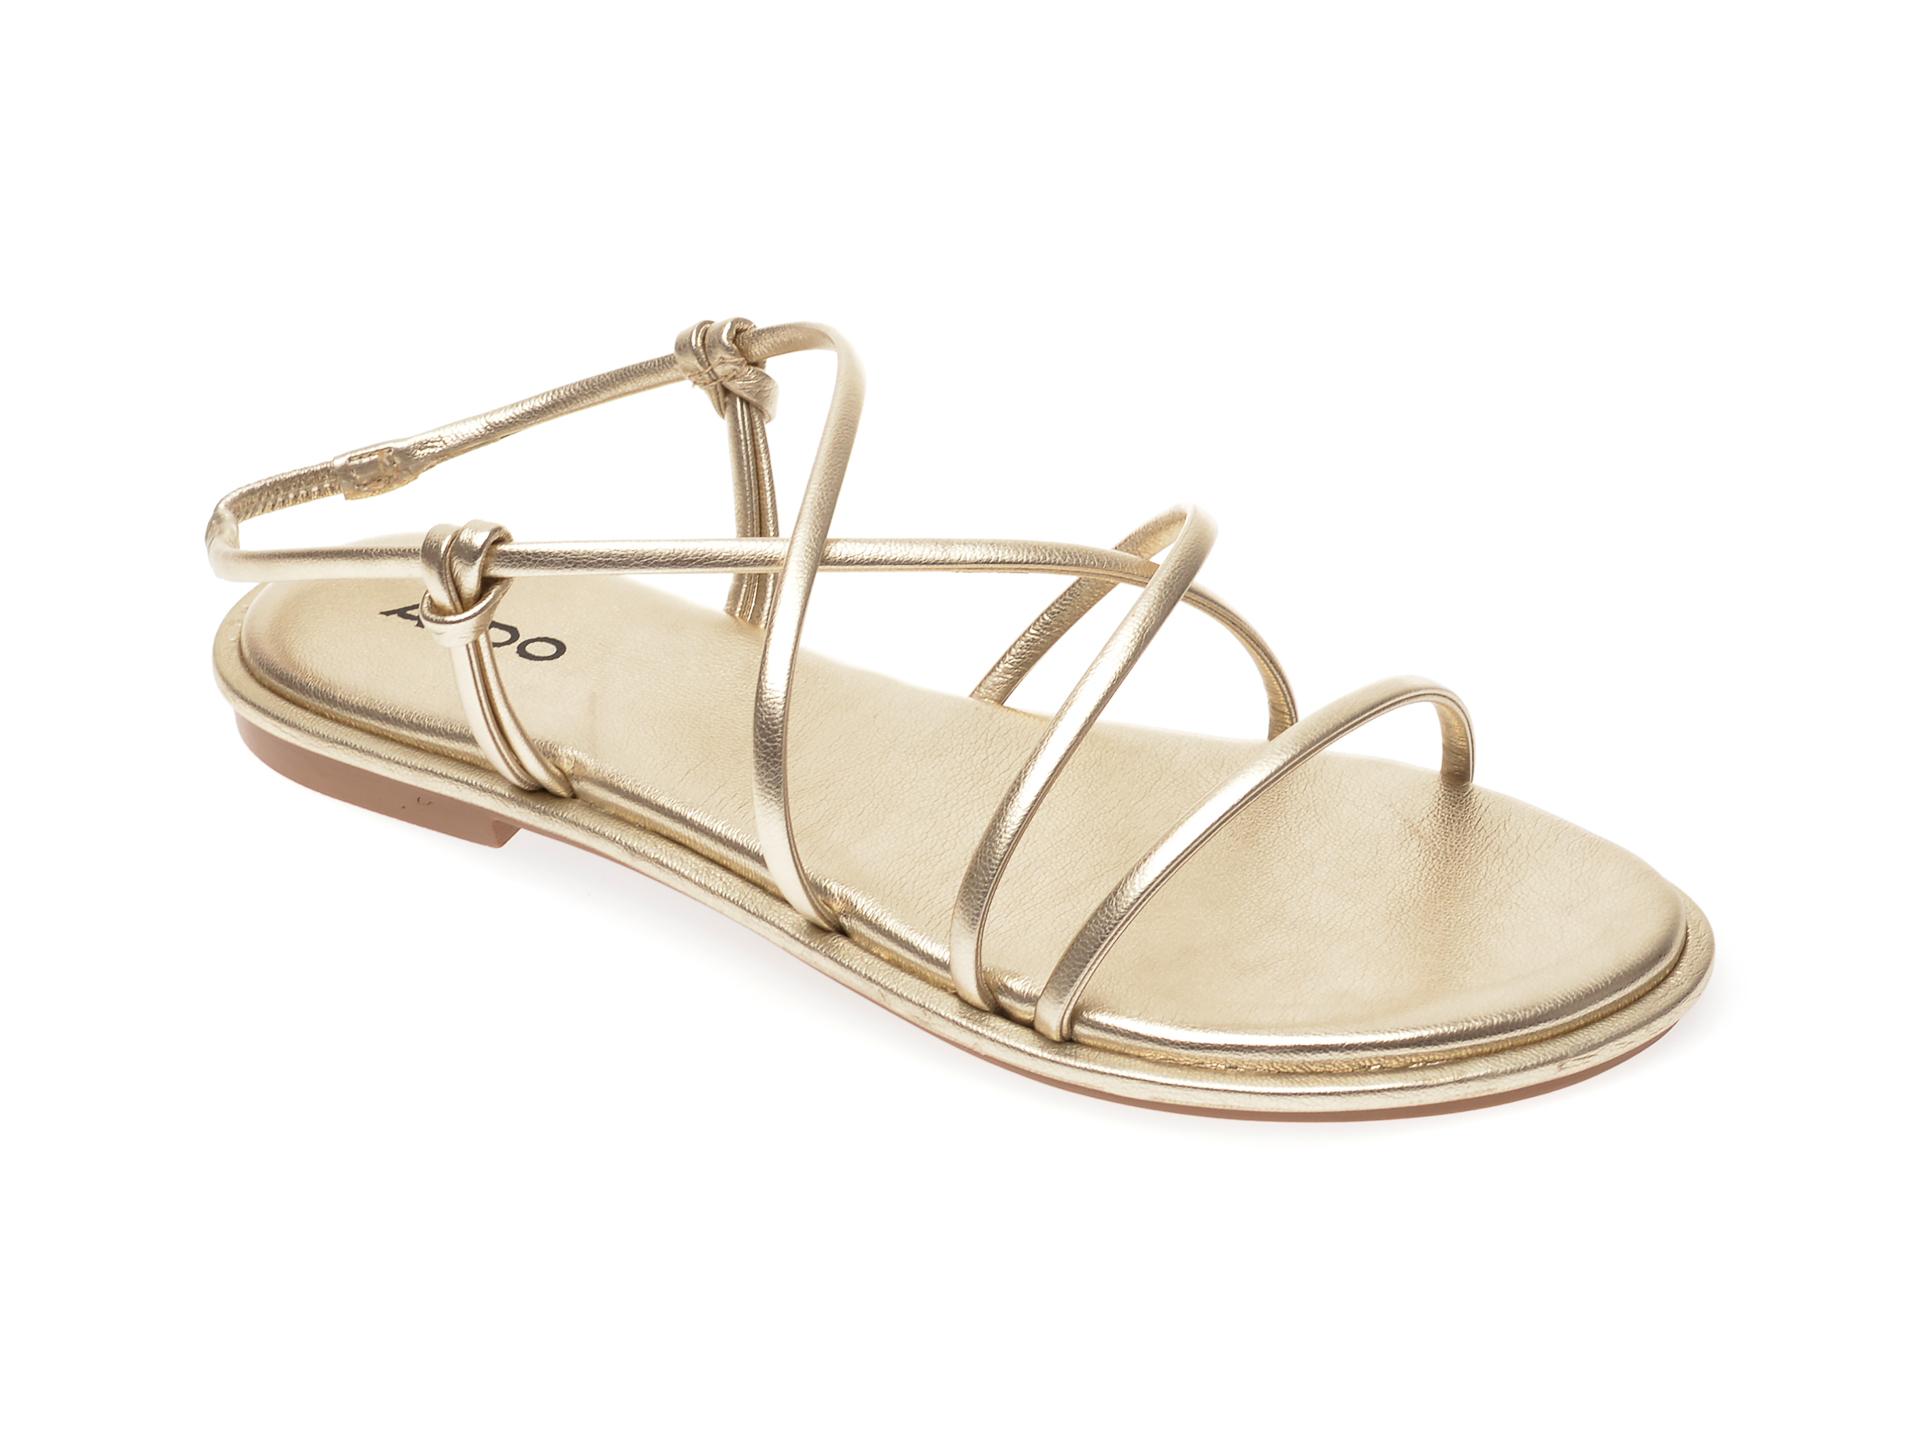 Sandale ALDO aurii, Kuerten710, din piele ecologica